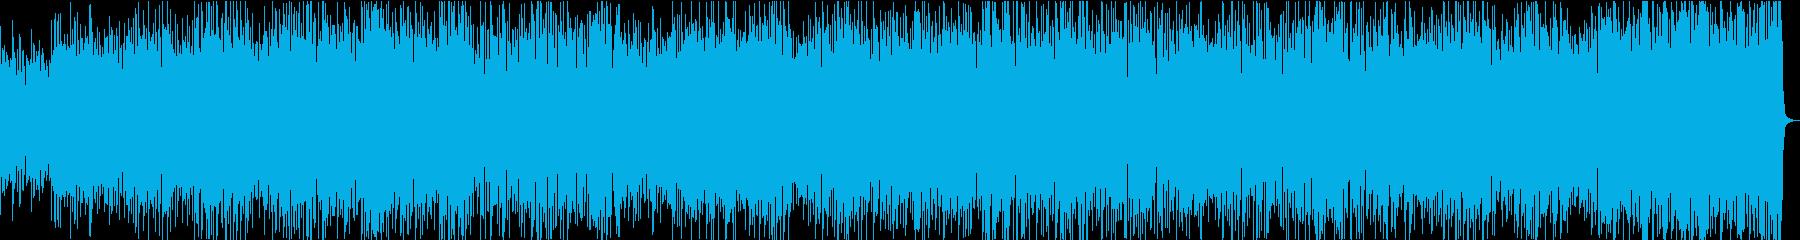 疾走感のあるクールなピアノジャズの再生済みの波形